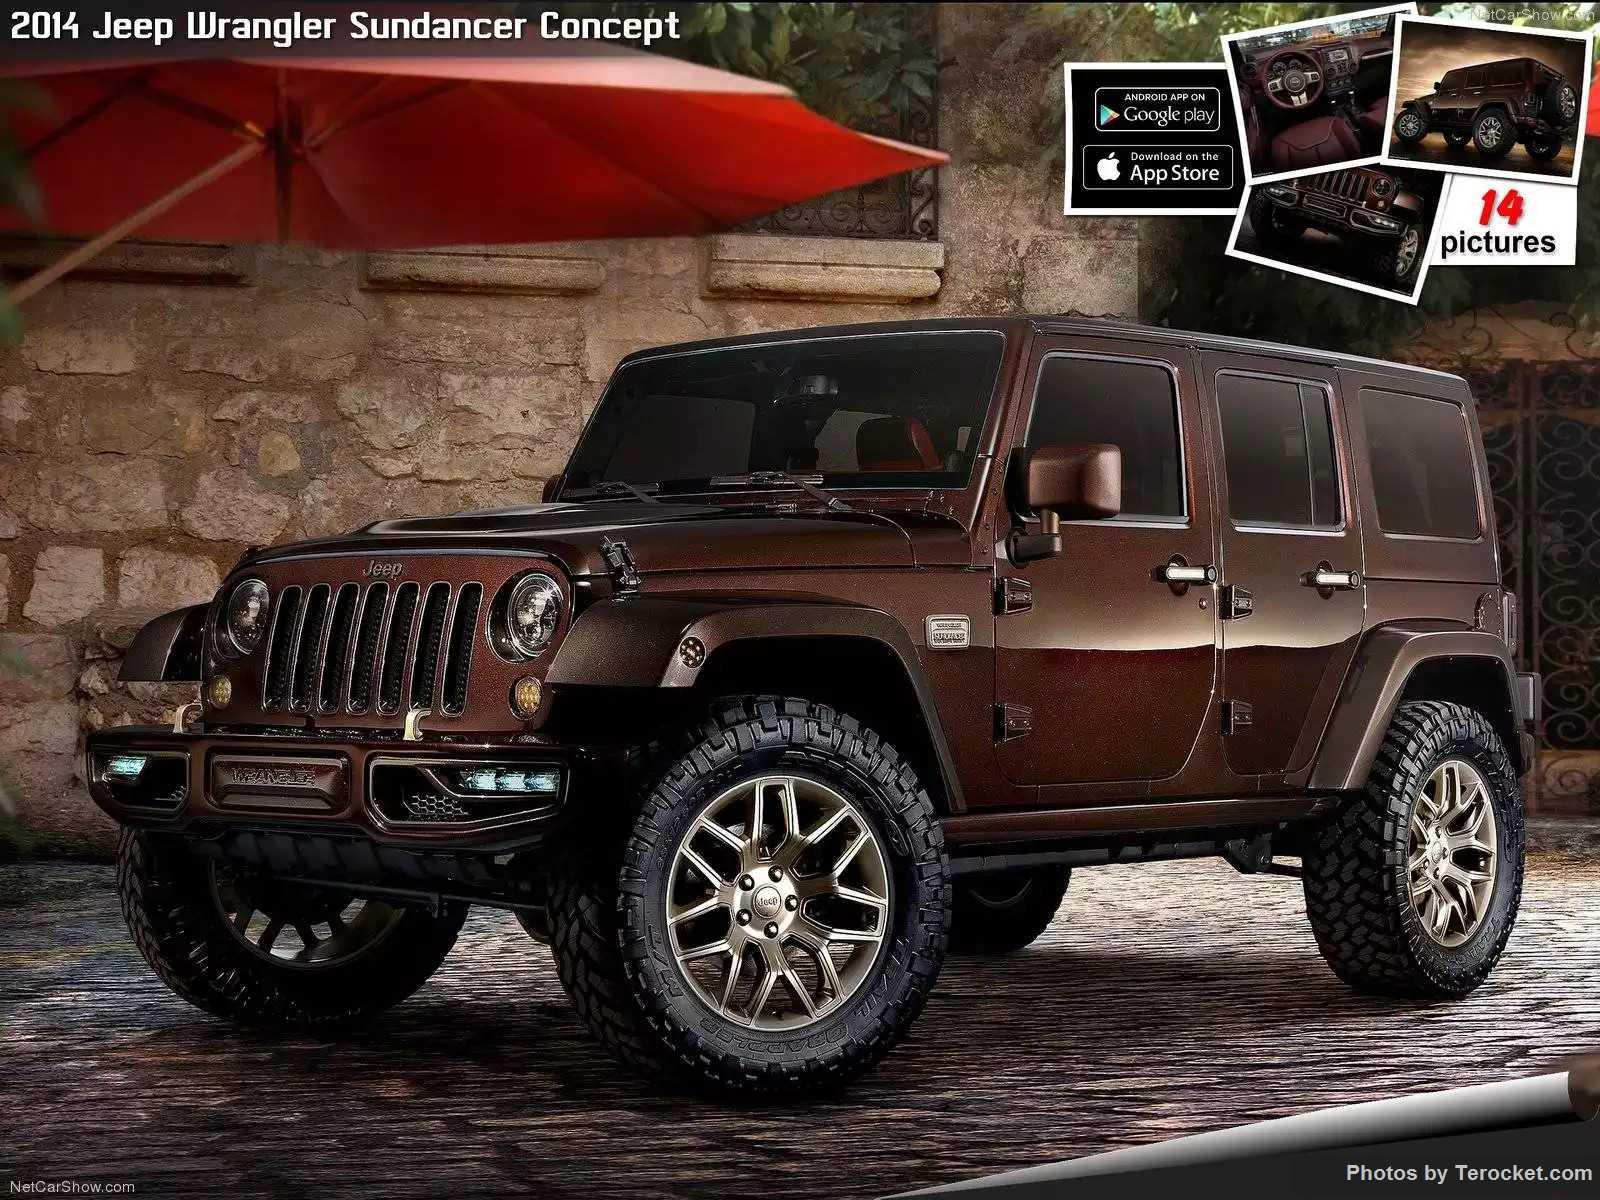 Hình ảnh xe ô tô Jeep Wrangler Sundancer Concept 2014 & nội ngoại thất